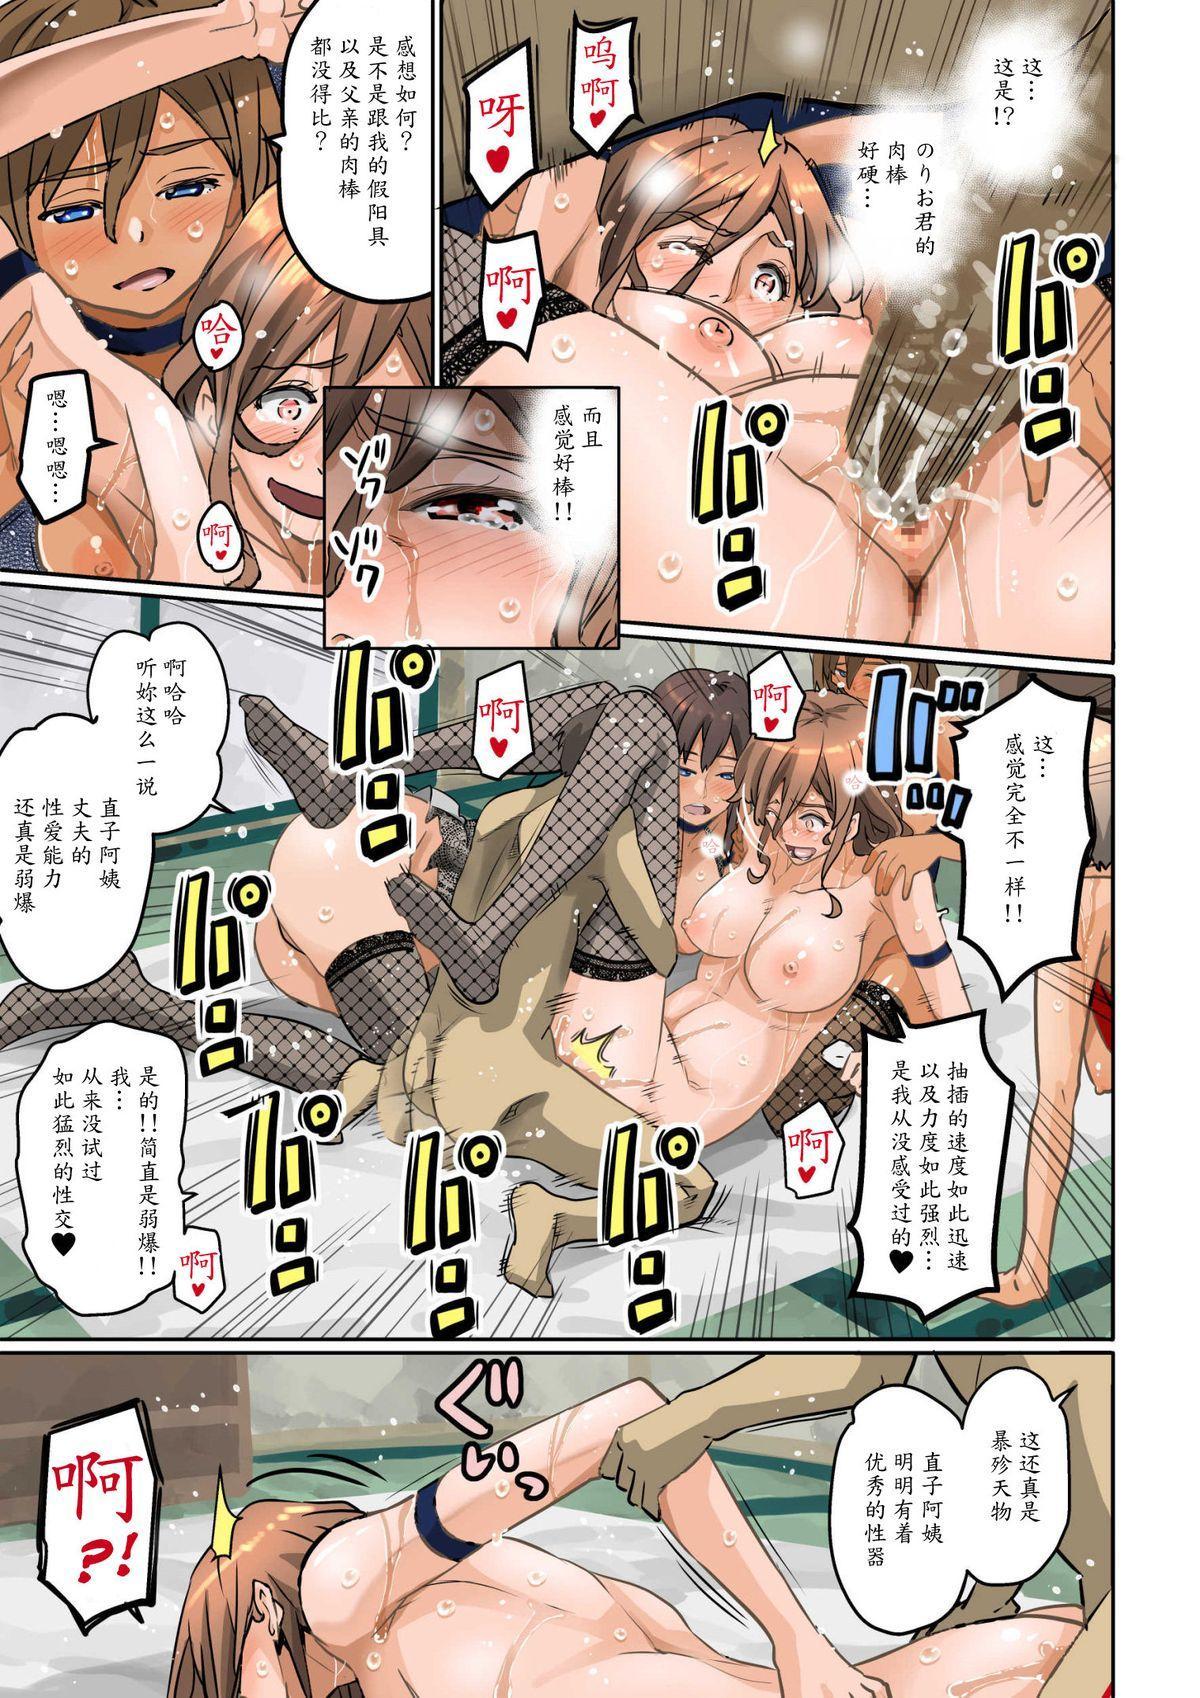 Nekura Shounen no Fukushuu Harem Choukyou Keikaku 115